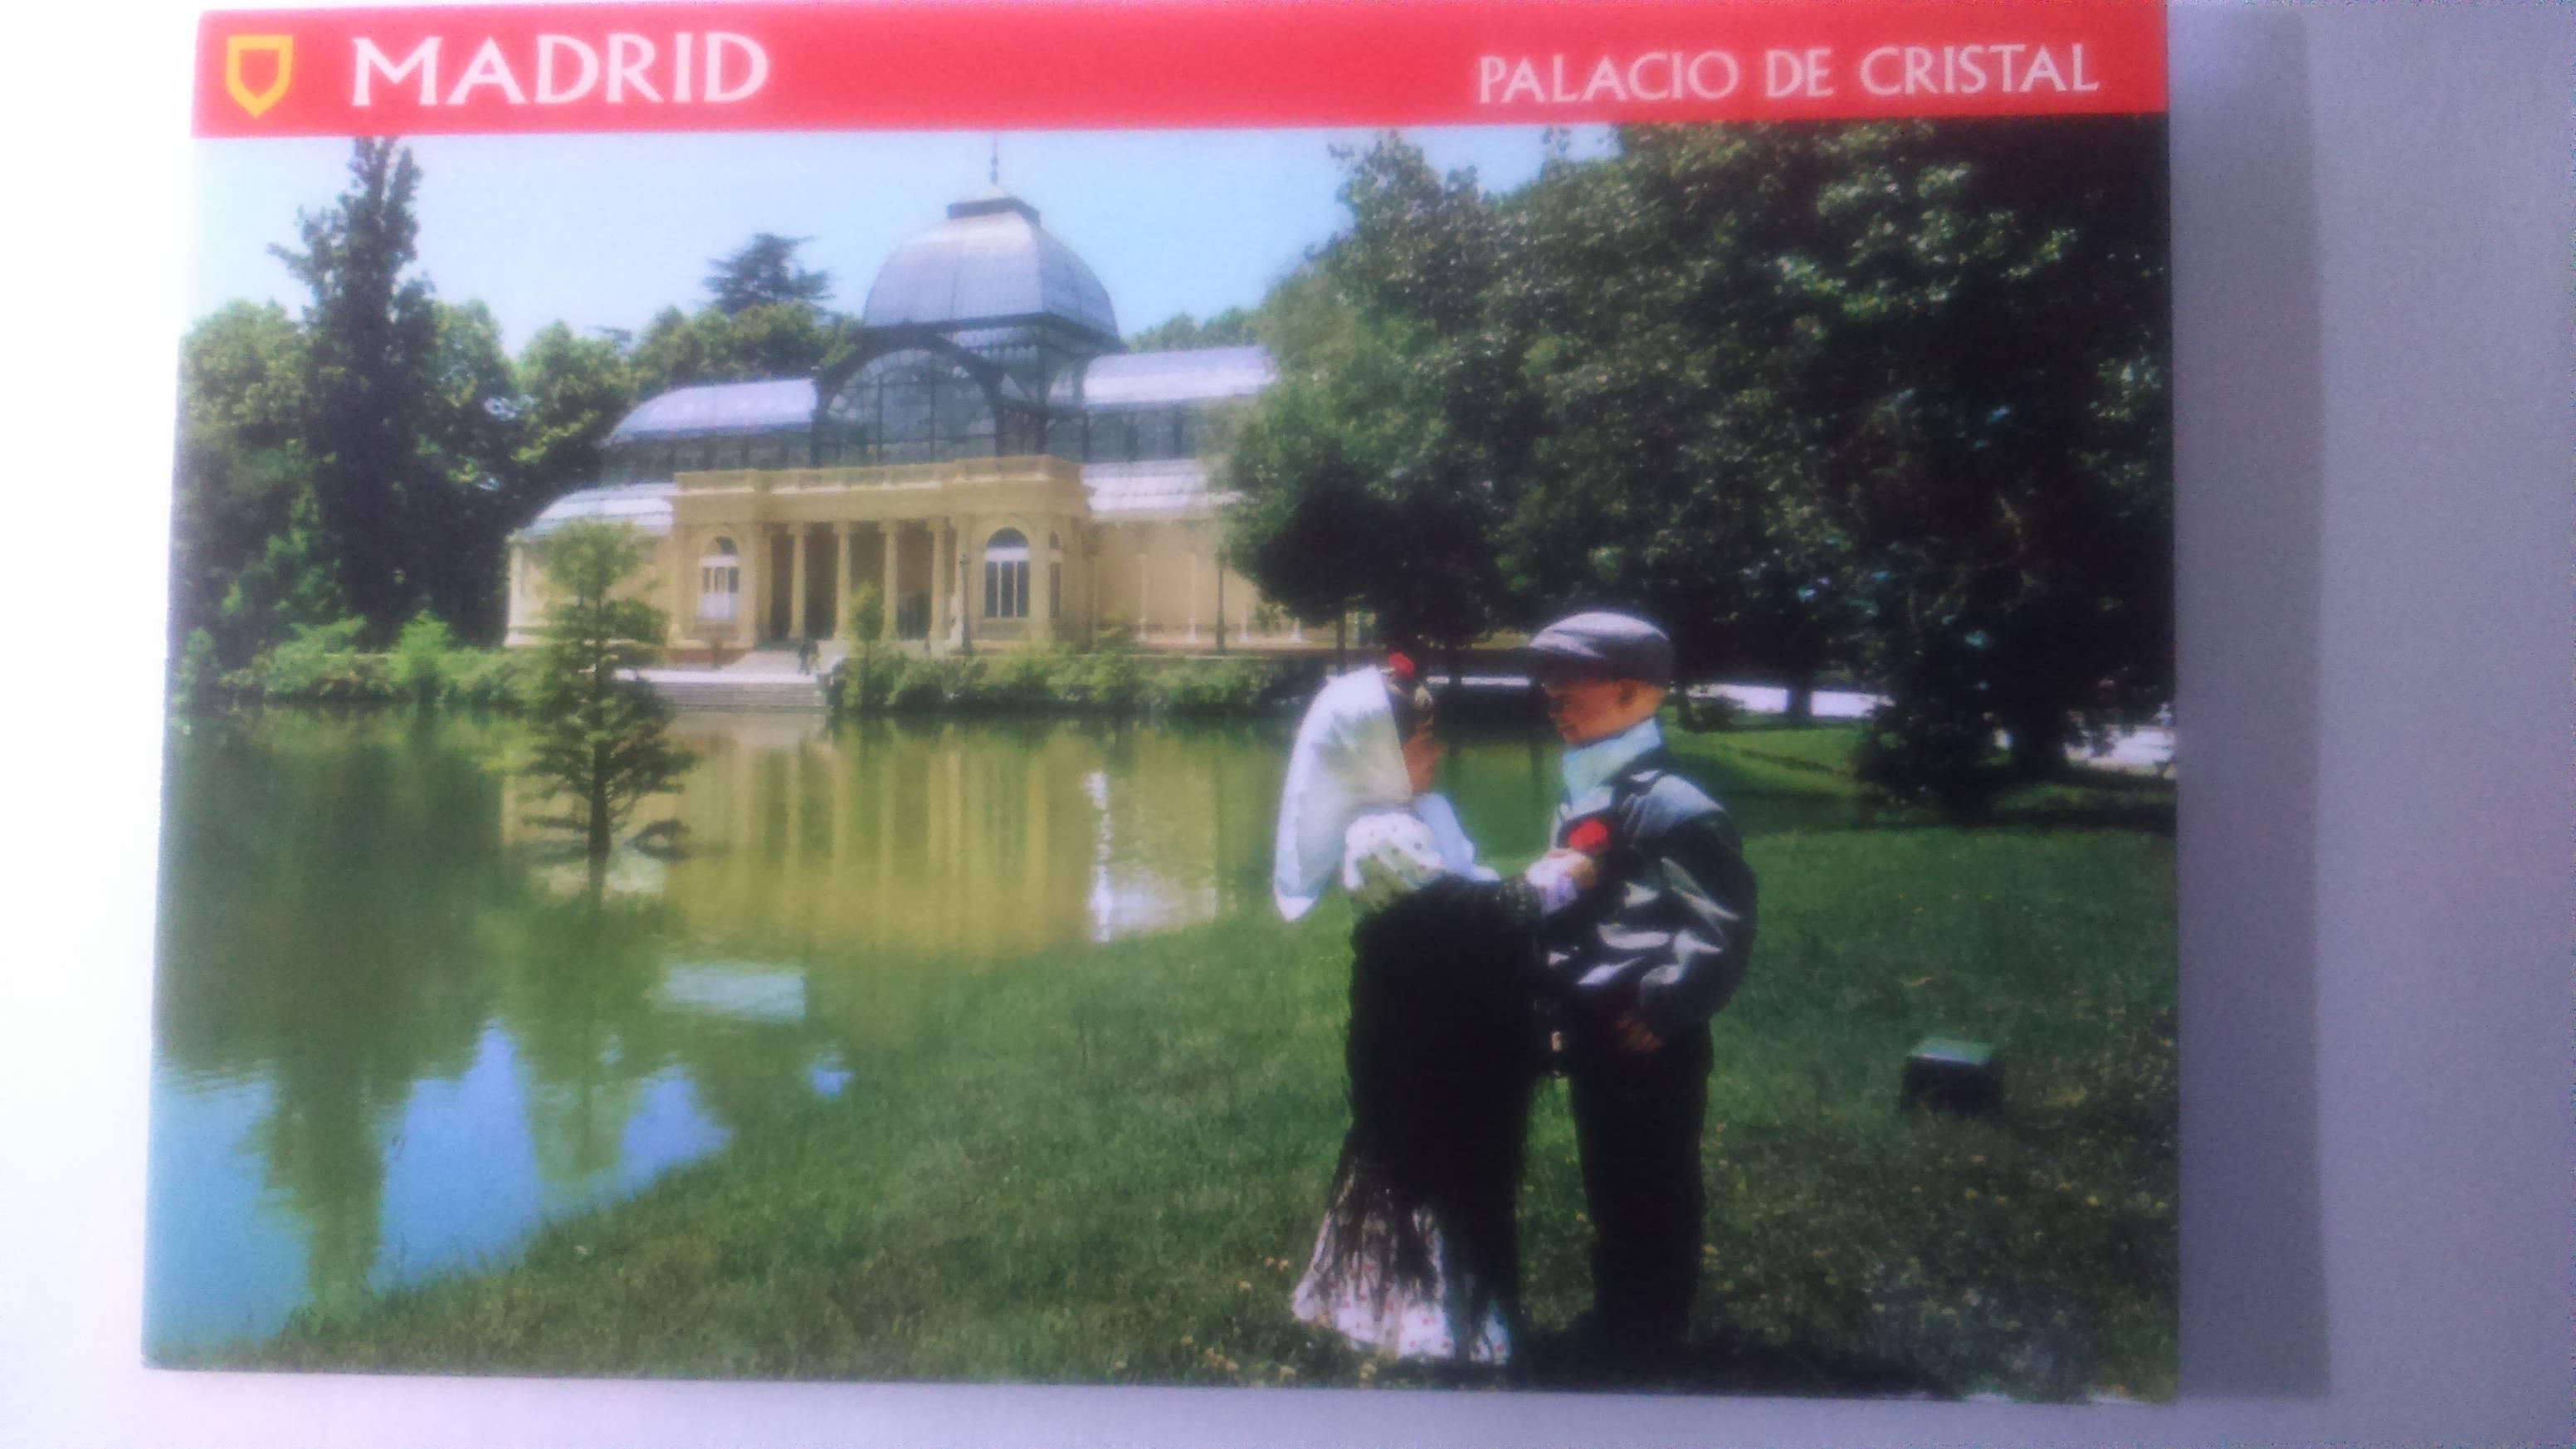 Intercambio Postalero - POSTCROSSING primaveral El Desván - Página 4 JfKbyW8